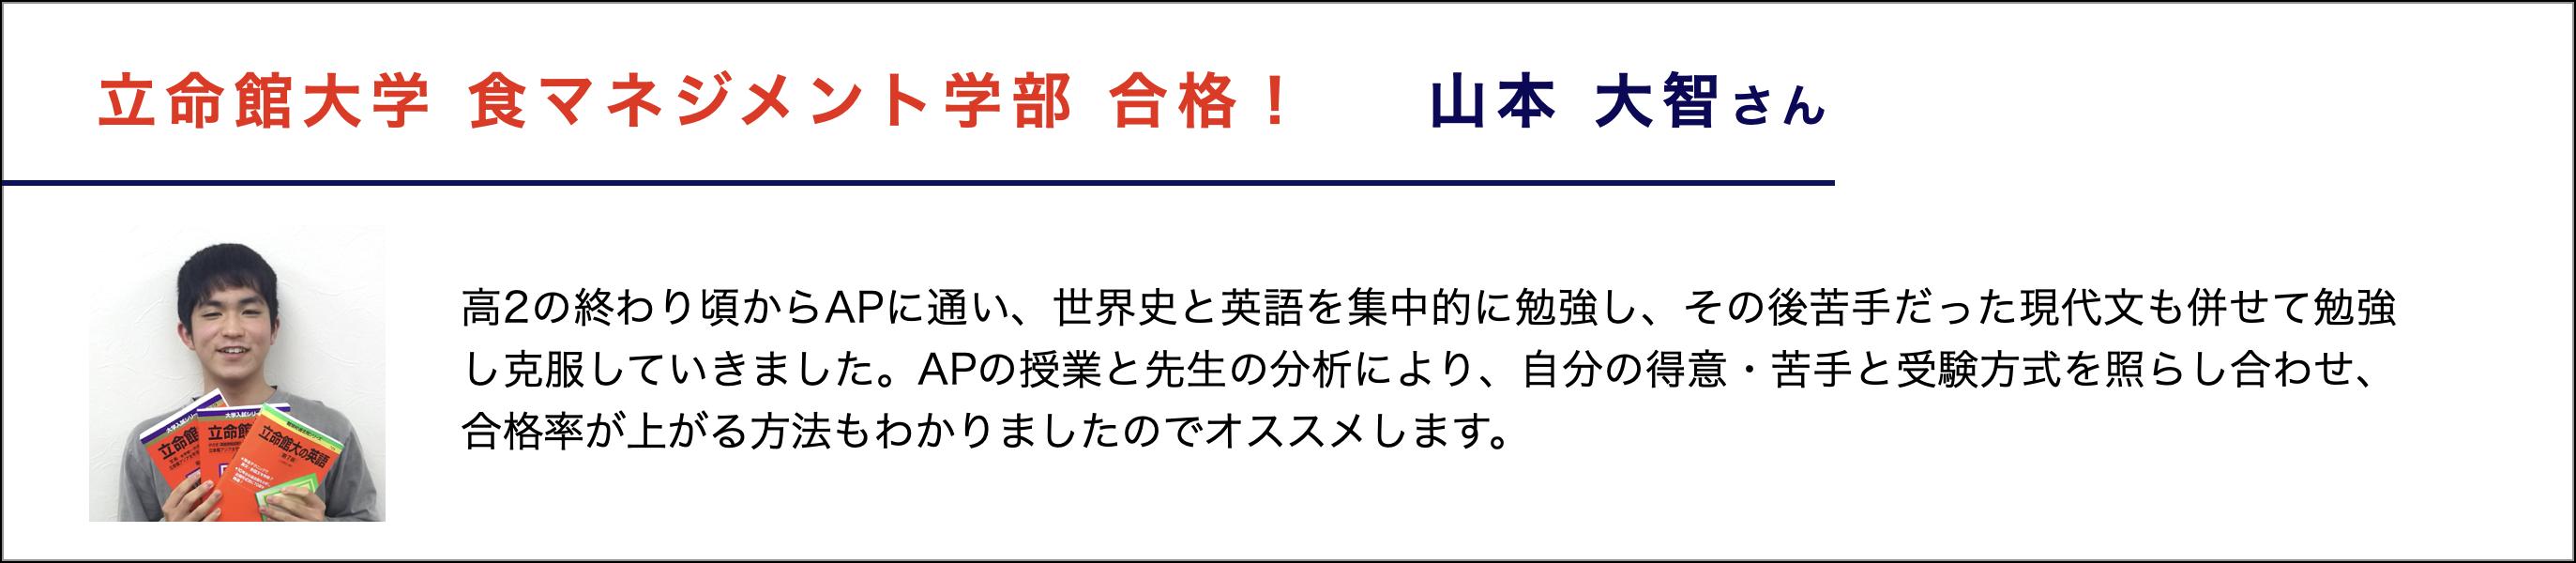 山本 大智さん